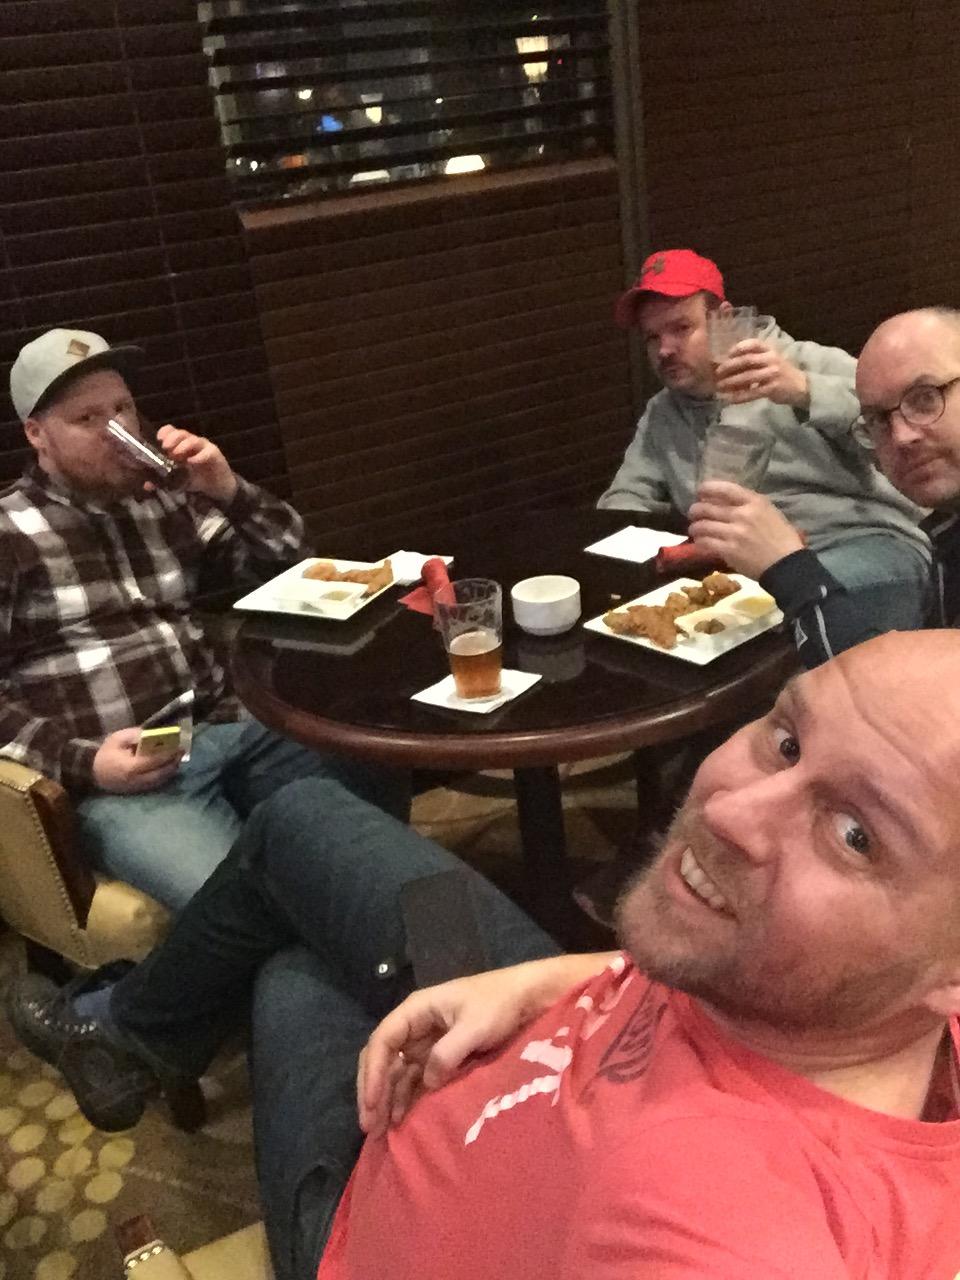 Äntligen framme Washington efter en lång resdag, väl förtjänta av en öl i hotellbaren. Foto: Daniel Croona